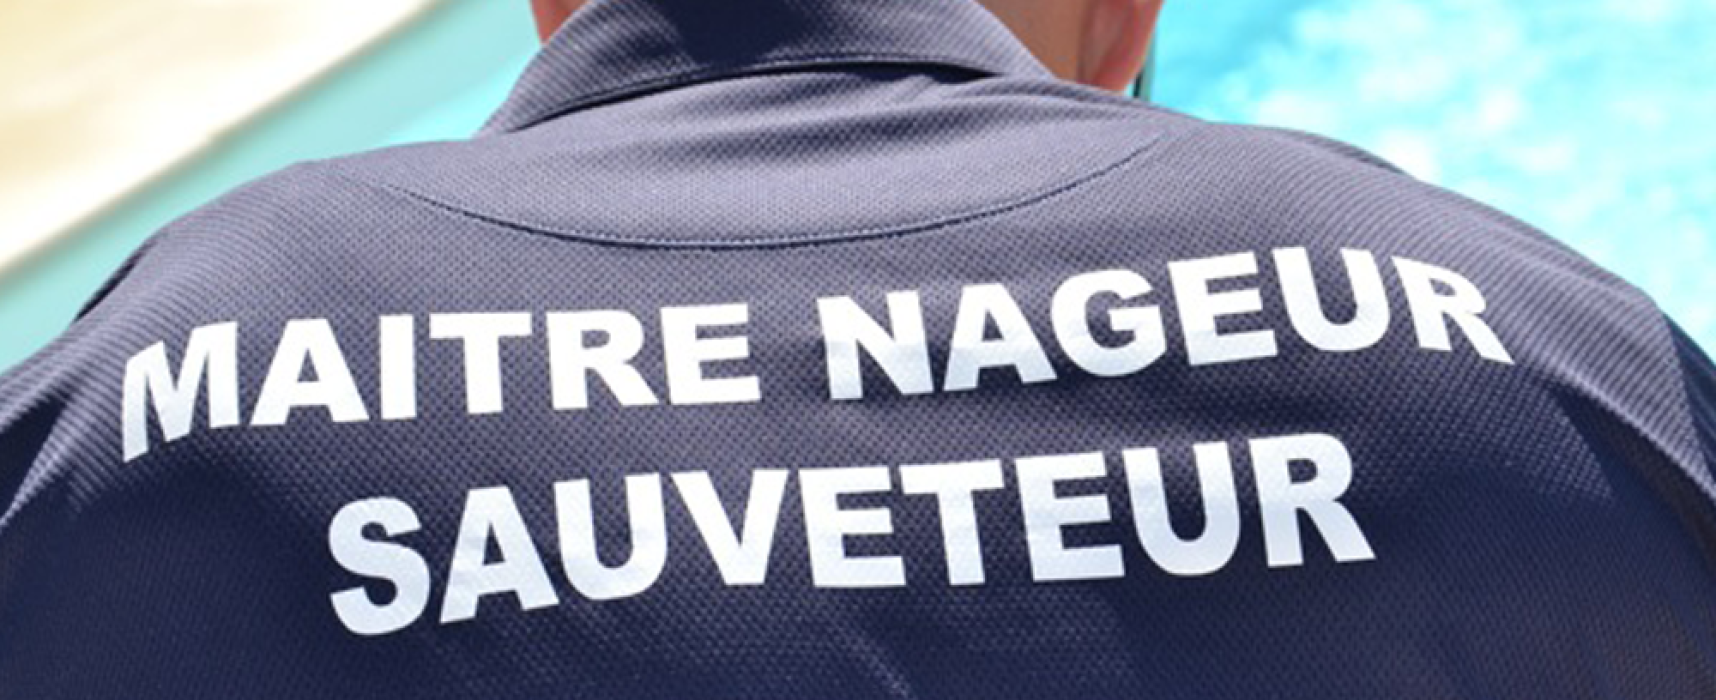 Réunion d'information sur le métier de Maître Nageur Sauveteur 2018 #Aubusson